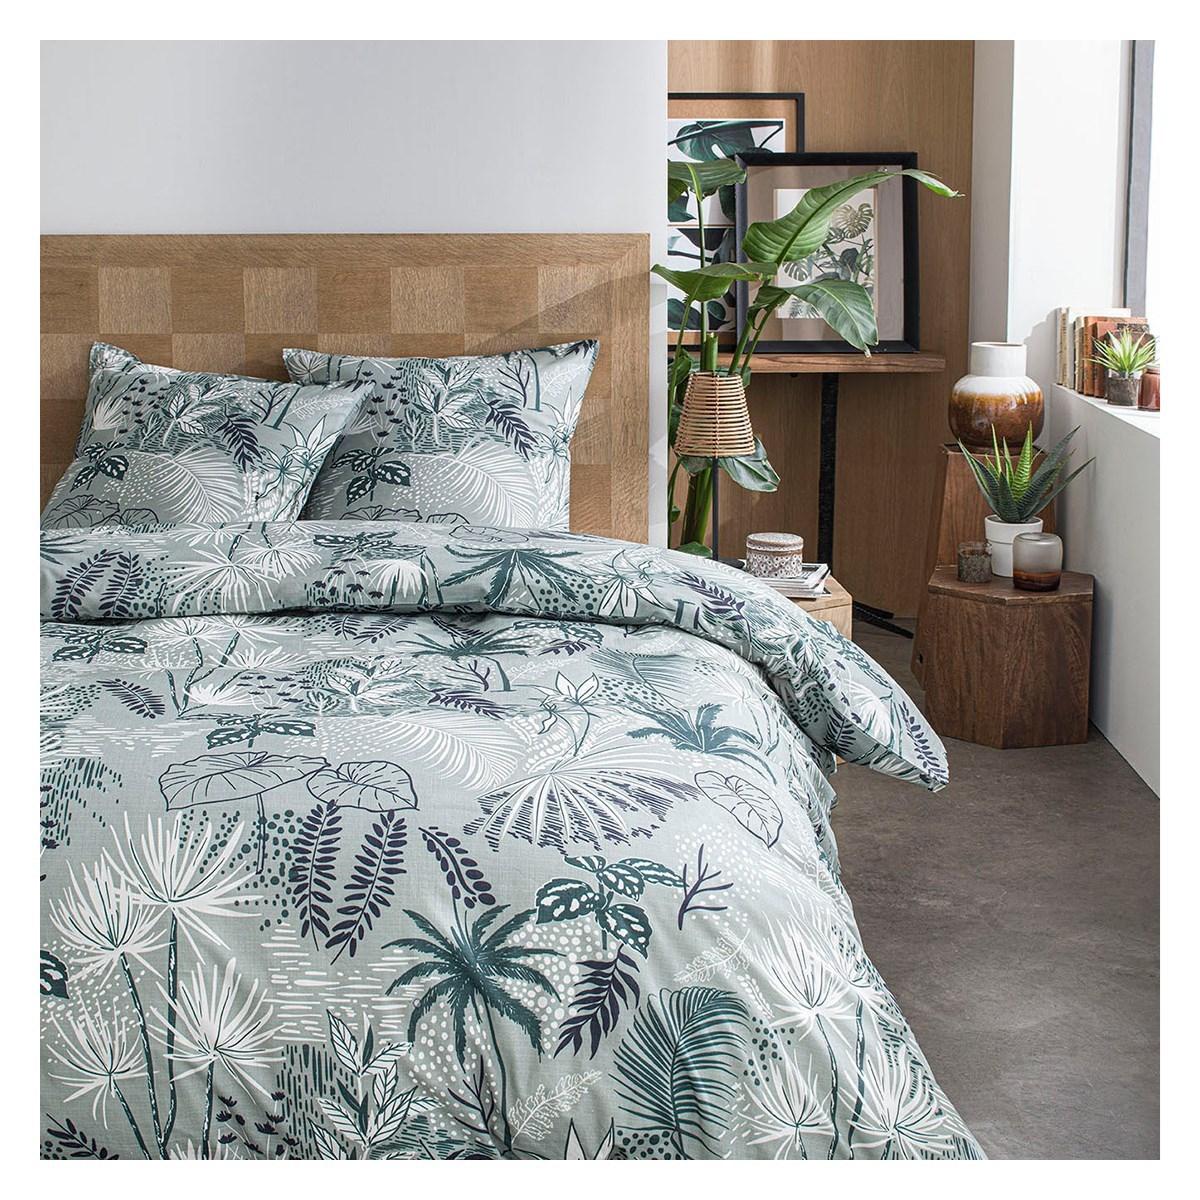 Parure de lit 2 personnes imprimé jungle en Coton Vert 220x240 cm